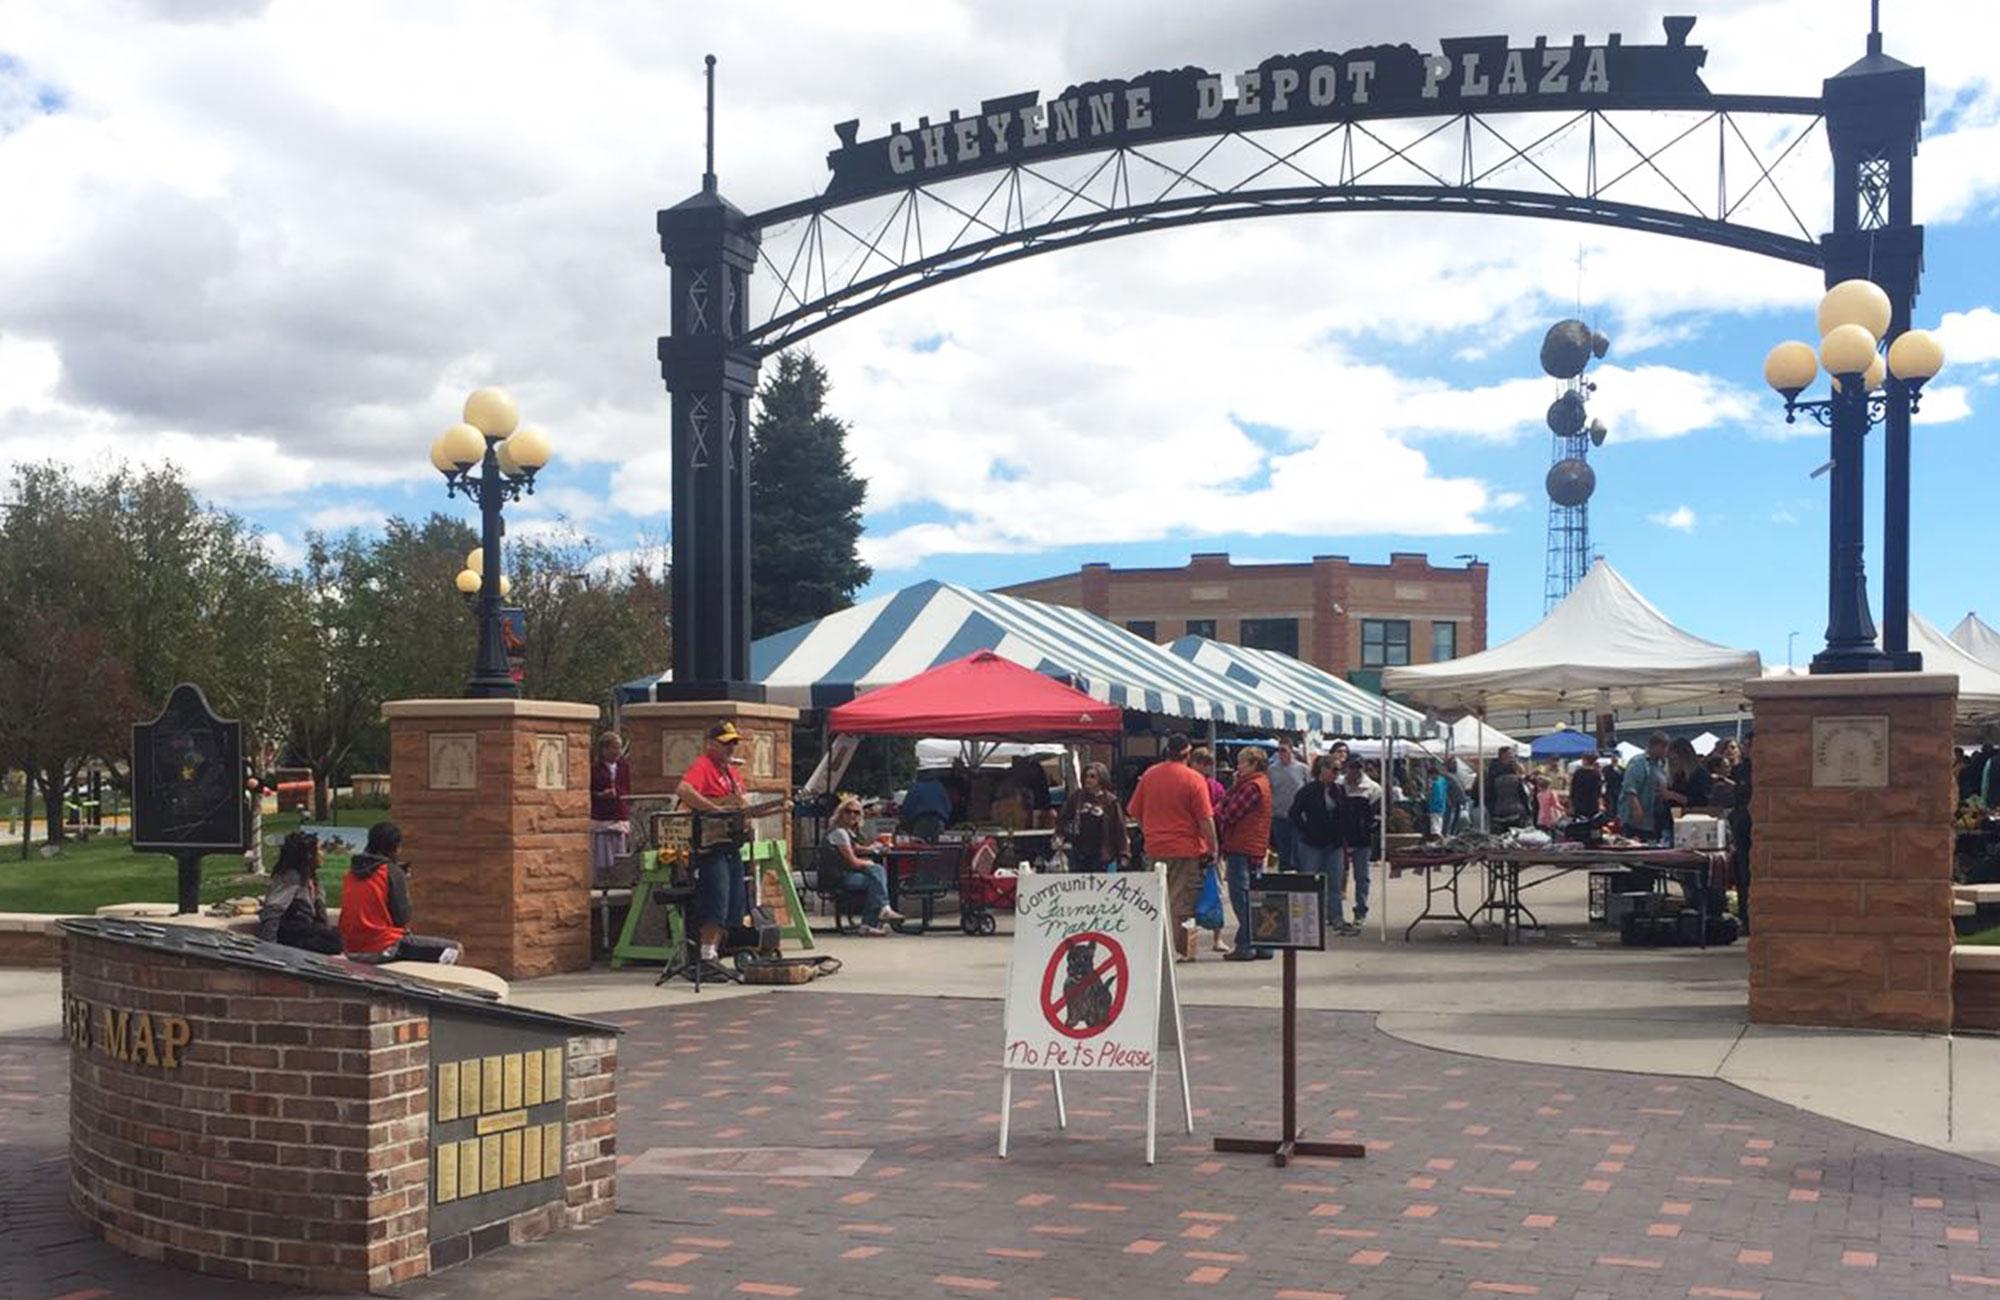 Farmer's market - Cheyenne